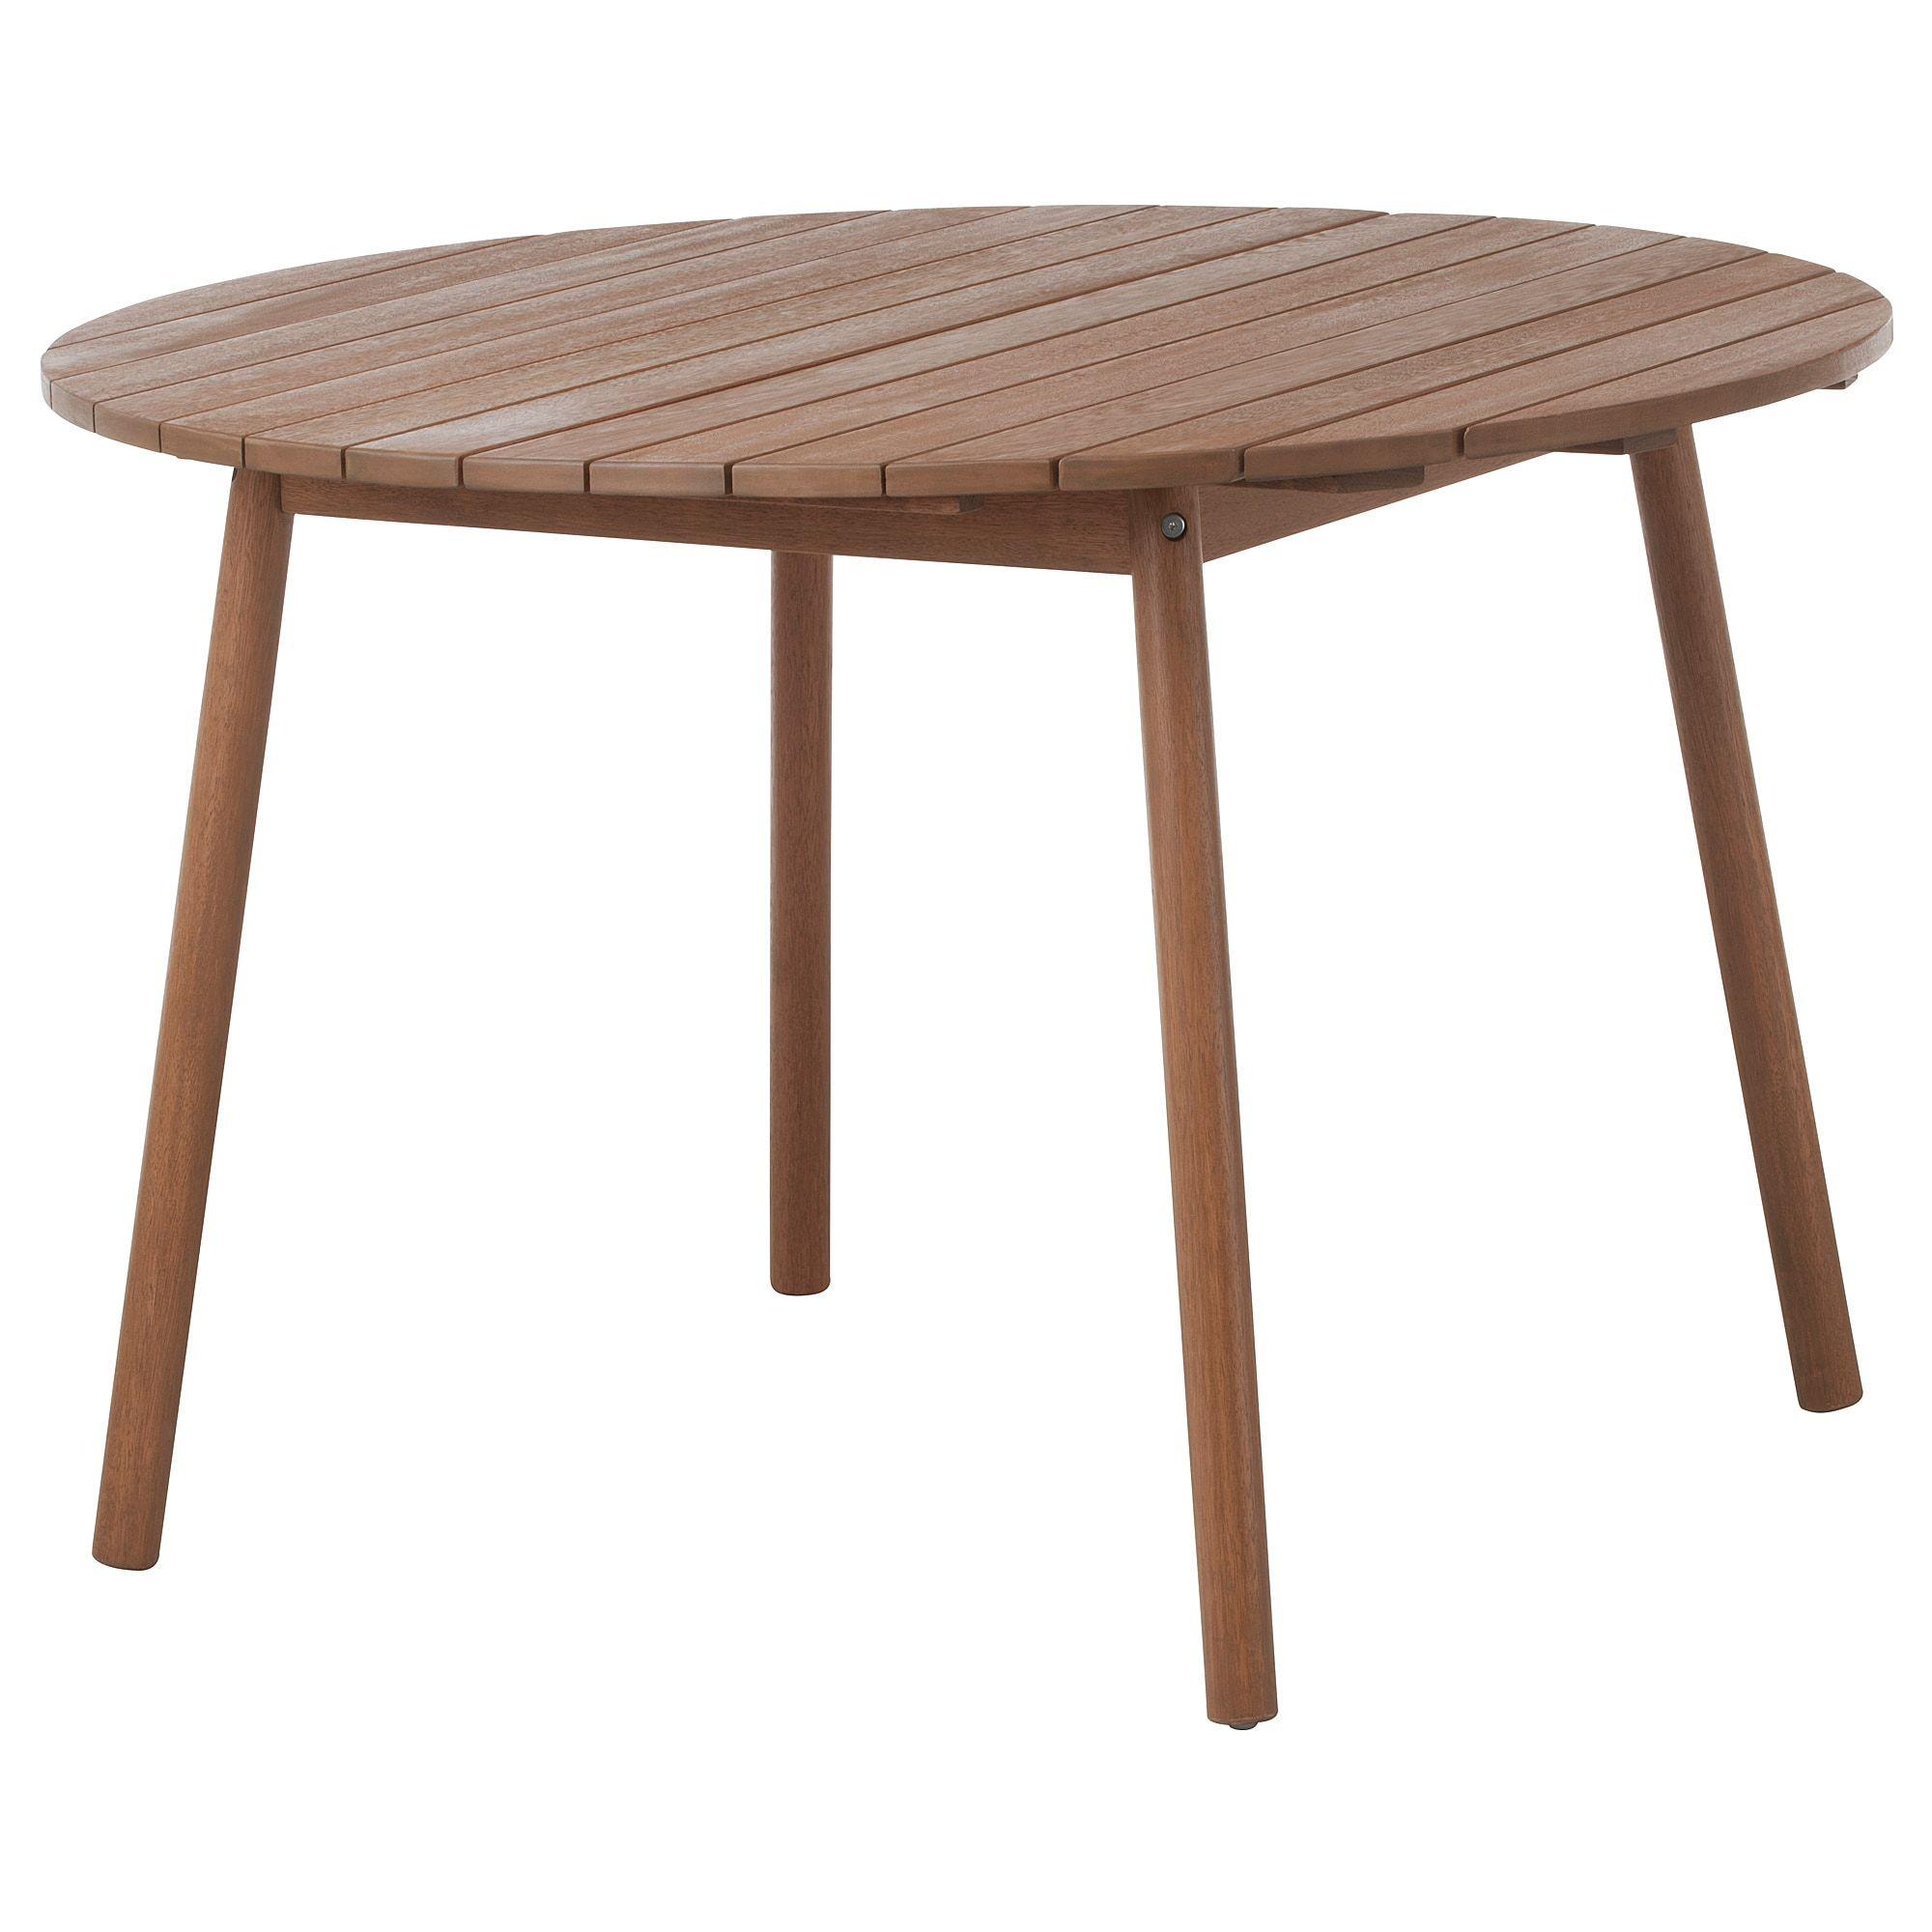 Overallt Tisch Fur Draussen Hellbraun Ikea Tisch